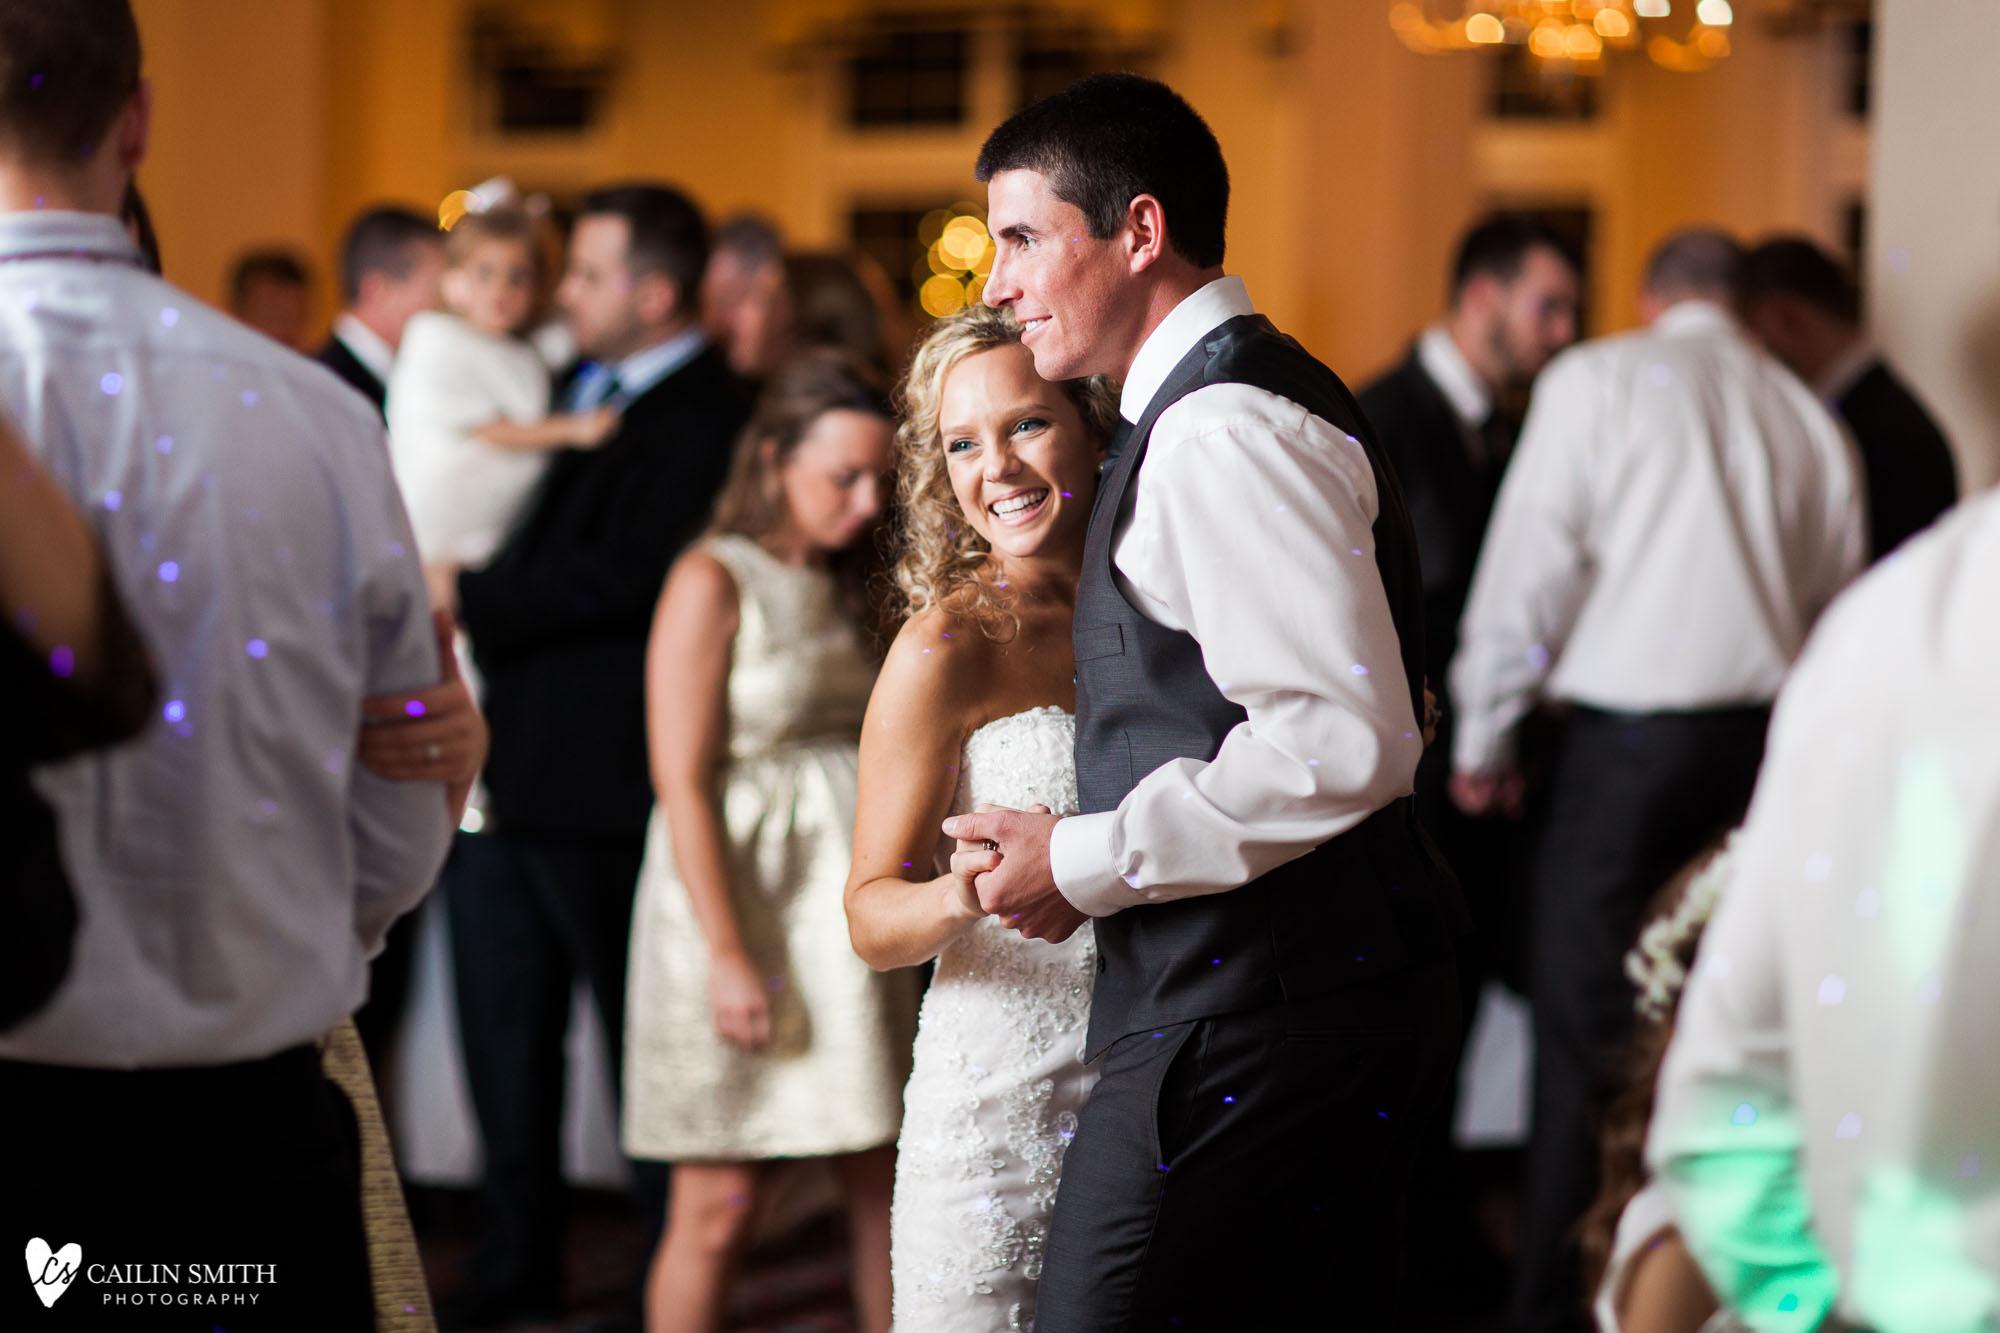 Leah_Major_St_Marys_Wedding_Photography_116.jpg